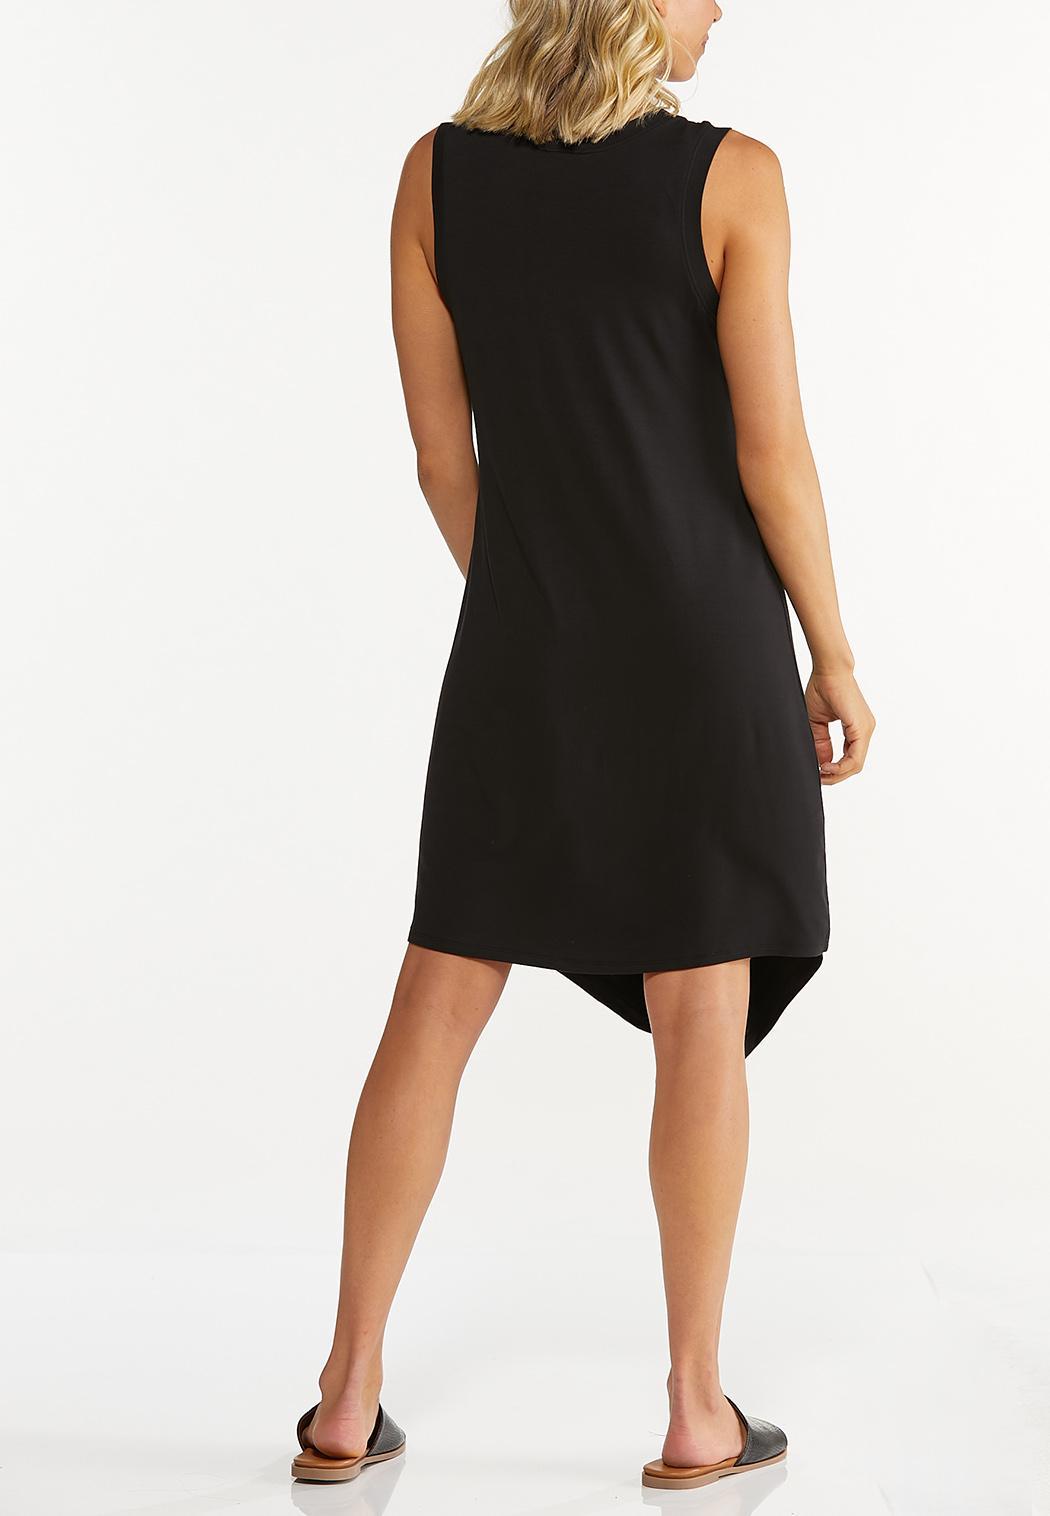 Solid Black Tank Dress (Item #44608562)